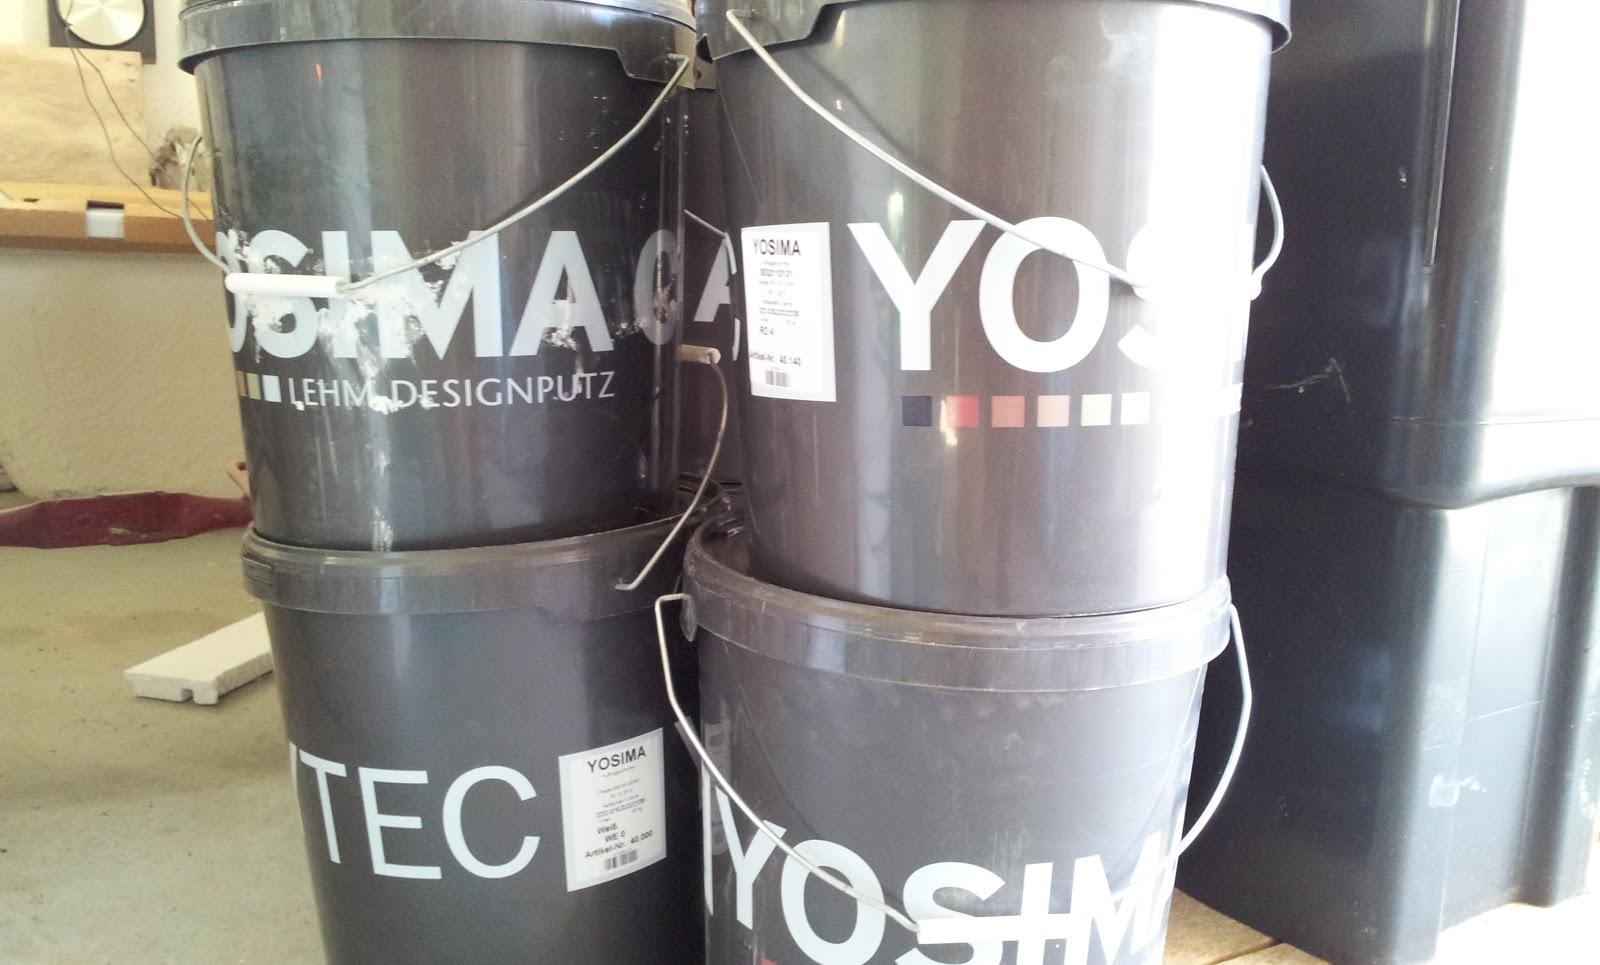 yosima claytec lehmputz energetisch sanieren im hotzenwald. Black Bedroom Furniture Sets. Home Design Ideas